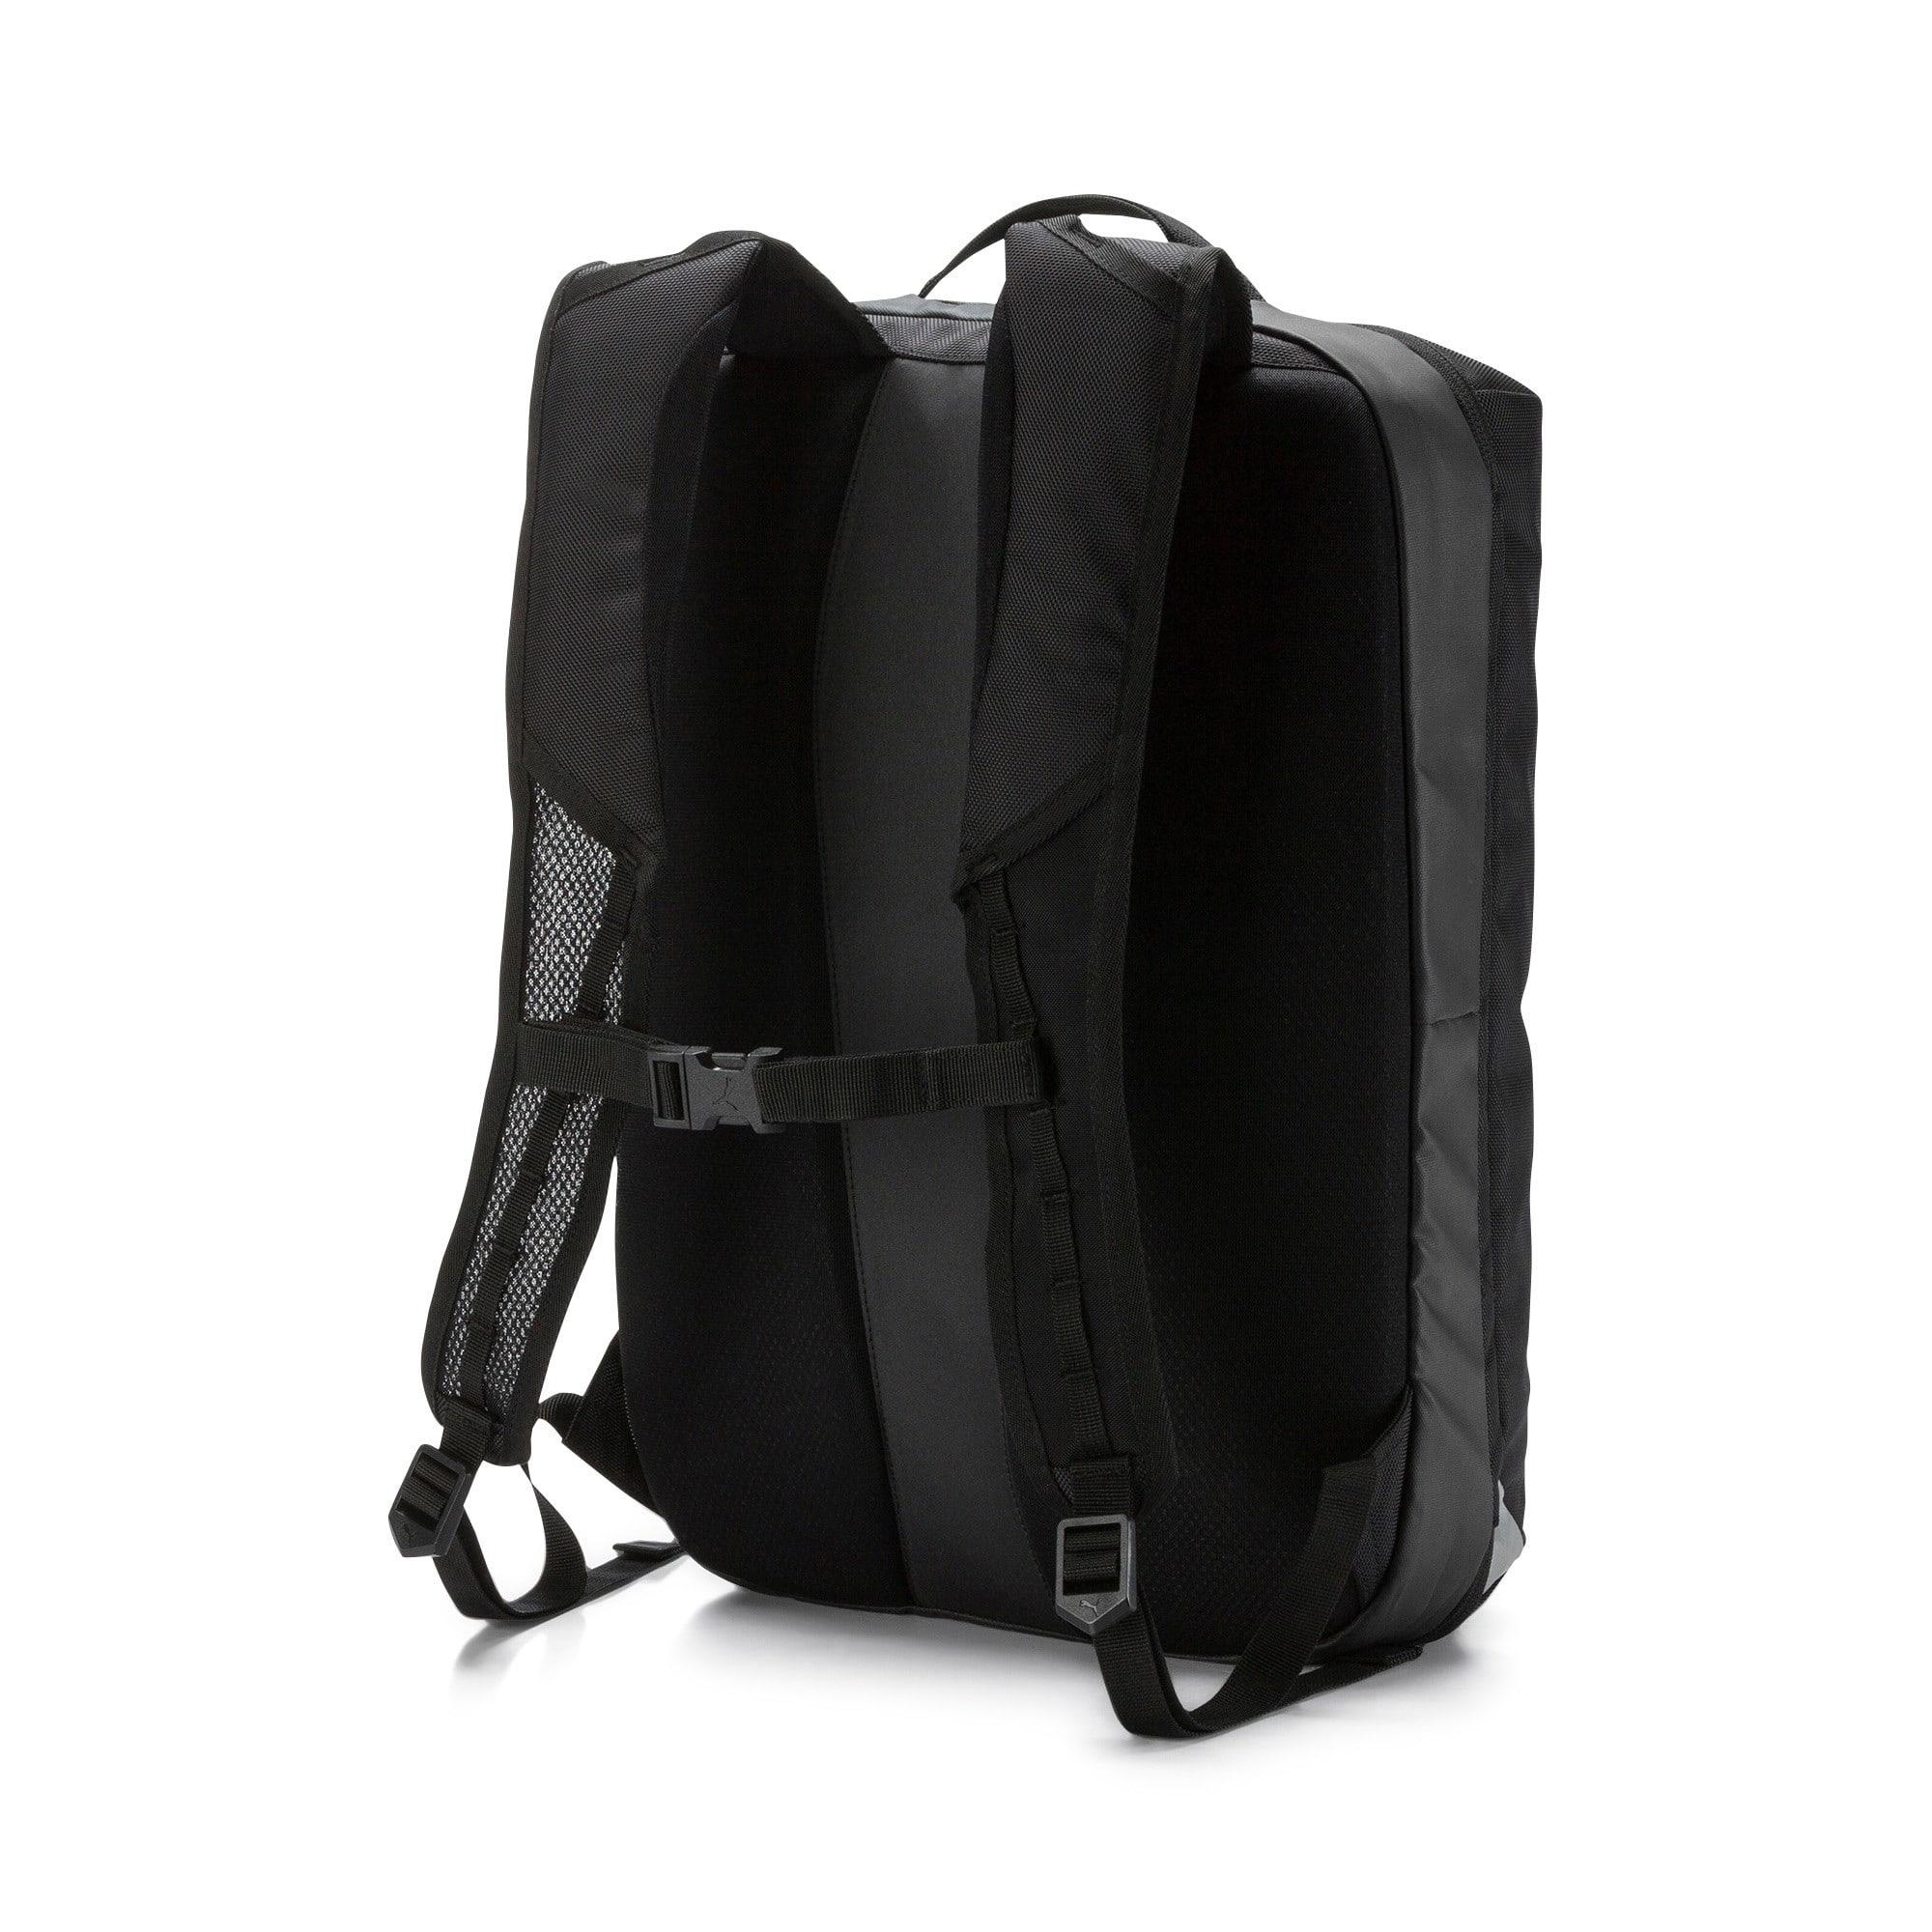 Thumbnail 2 of Evolution Street Work Backpack, Puma Black, medium-IND